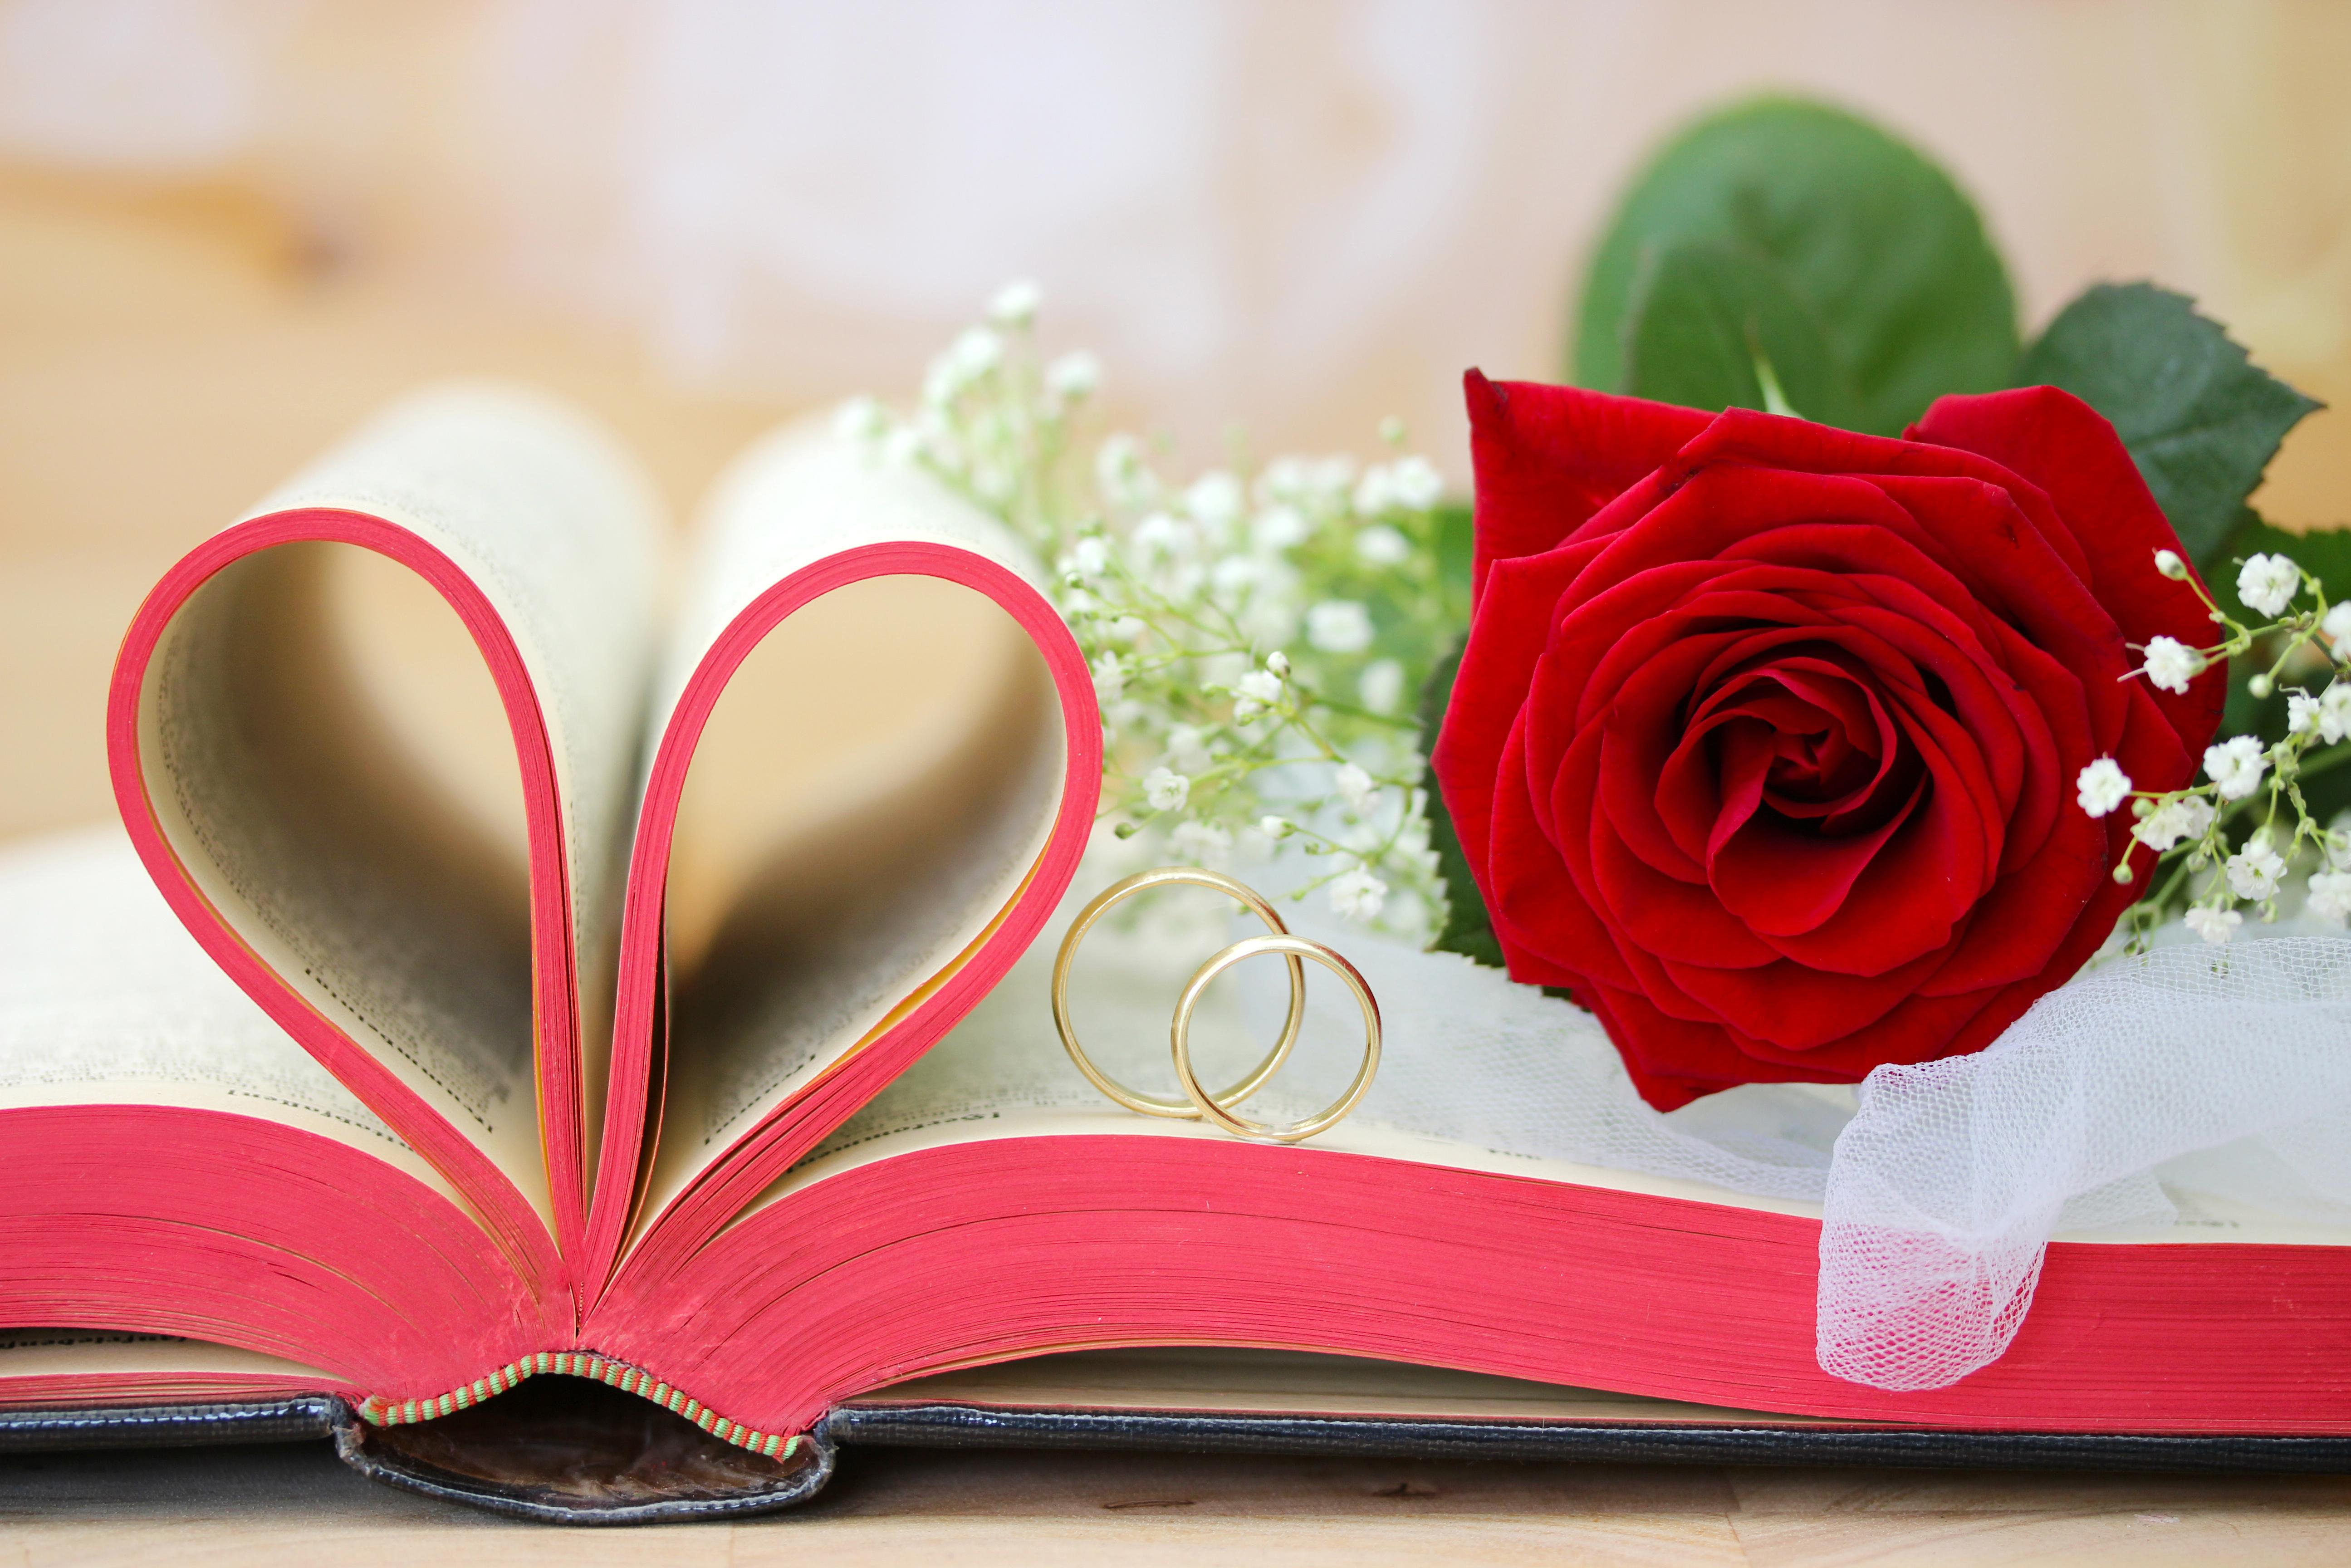 любовь цветок роза книга без смс